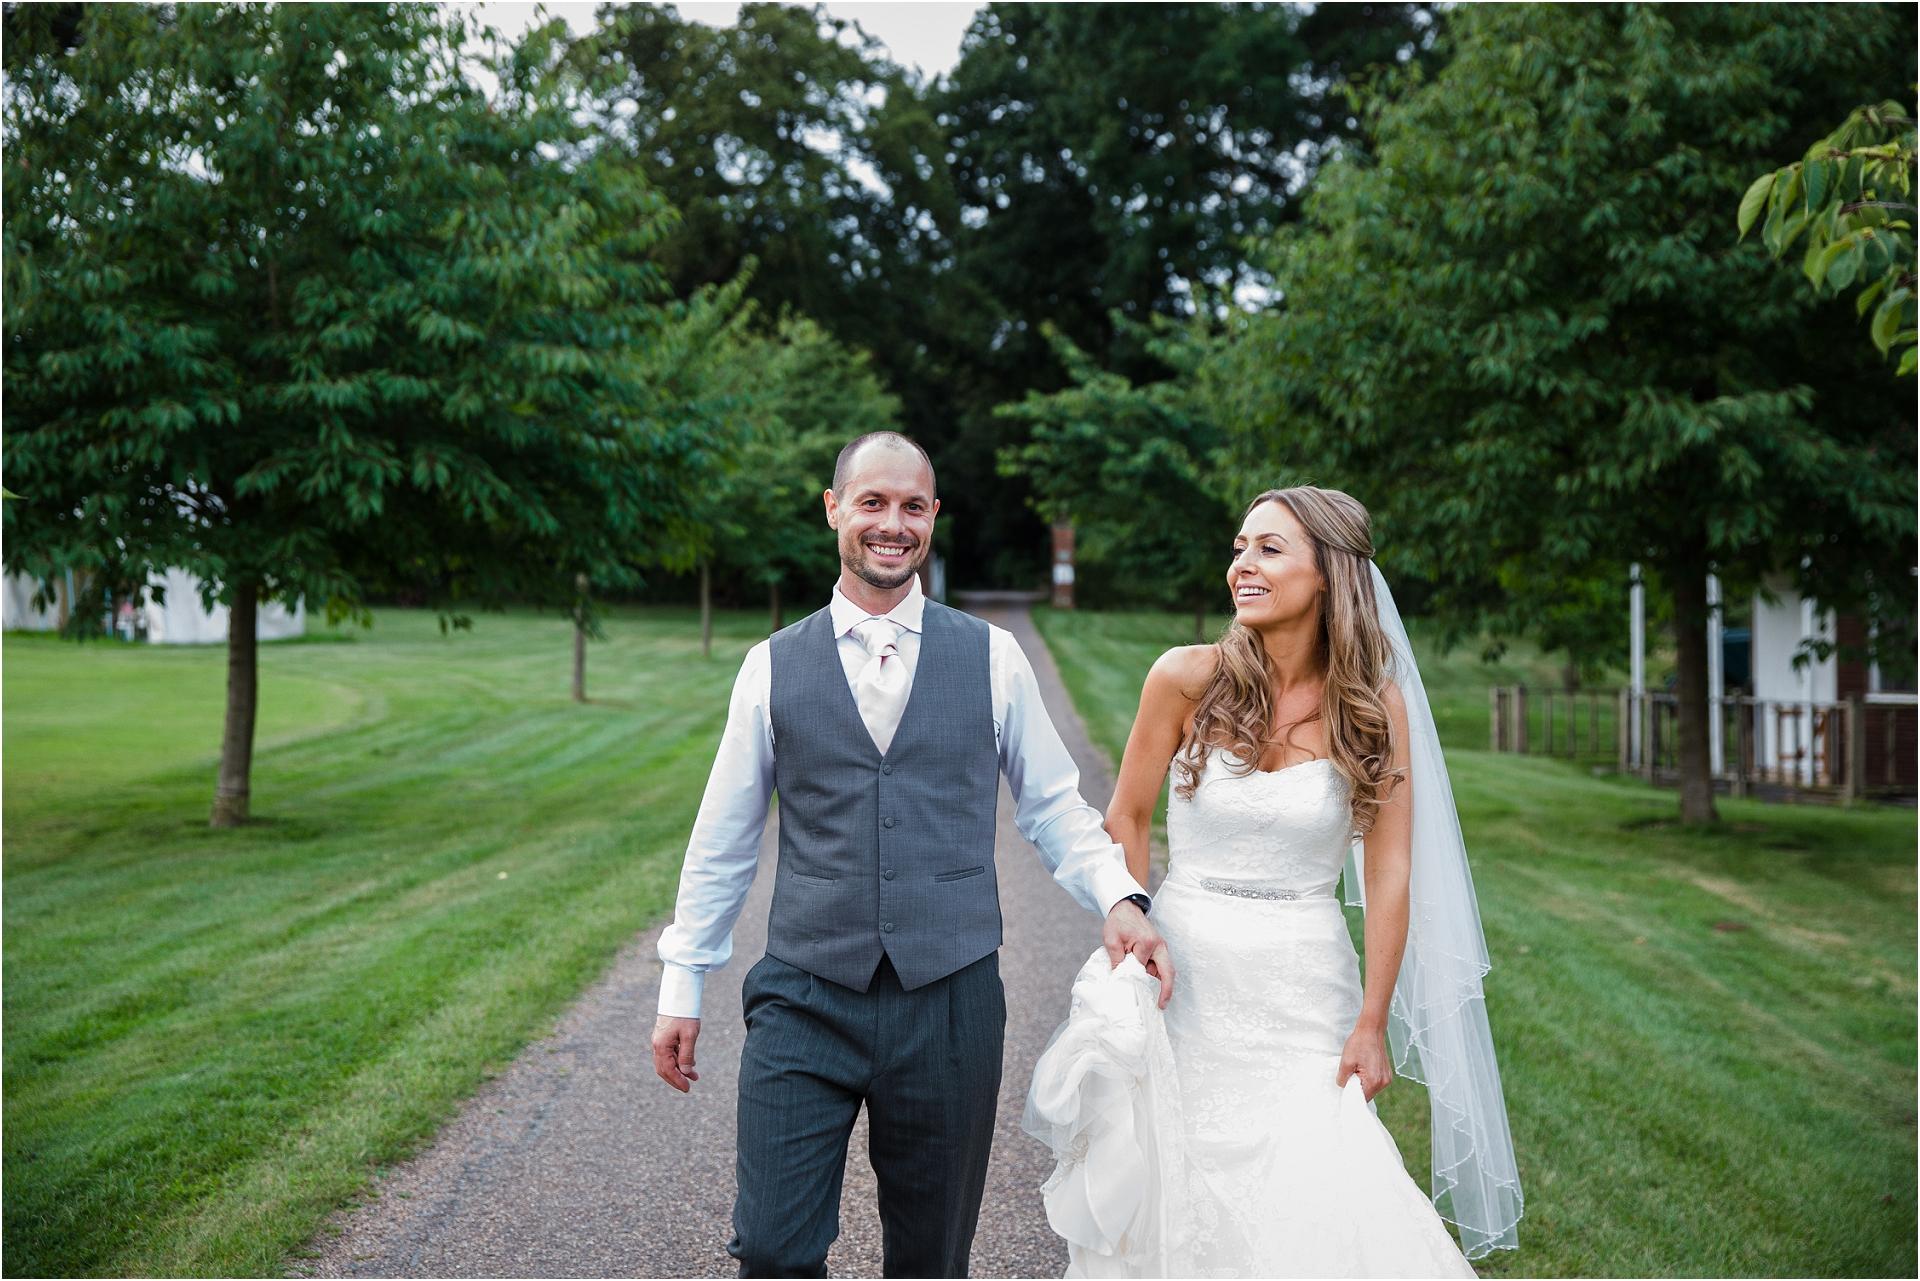 wedding-photography-norwood-park_0068